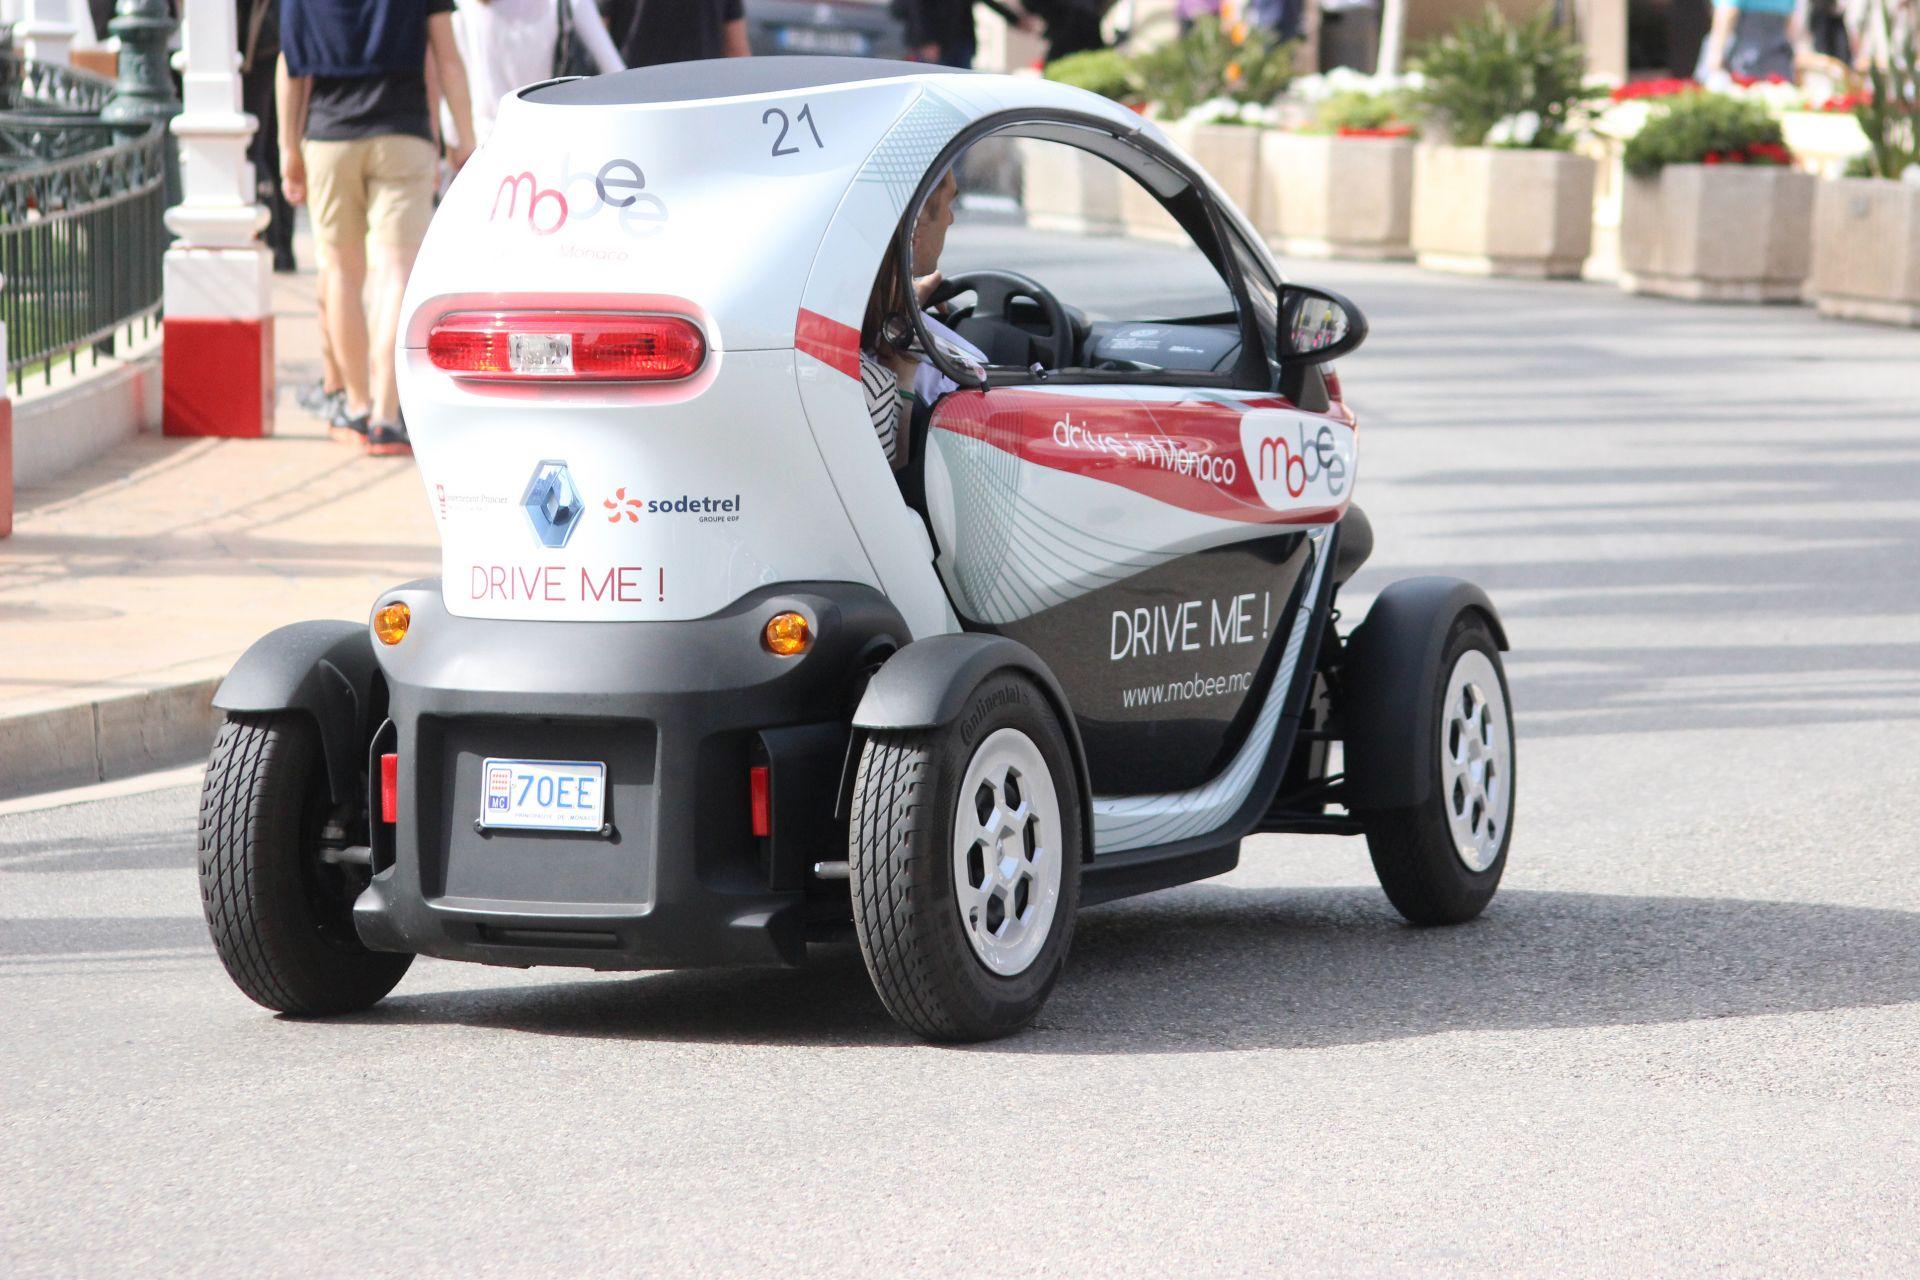 След 5 години много от нас могат да се движат с електромобили и зареждащите се превозни средства за споделяне